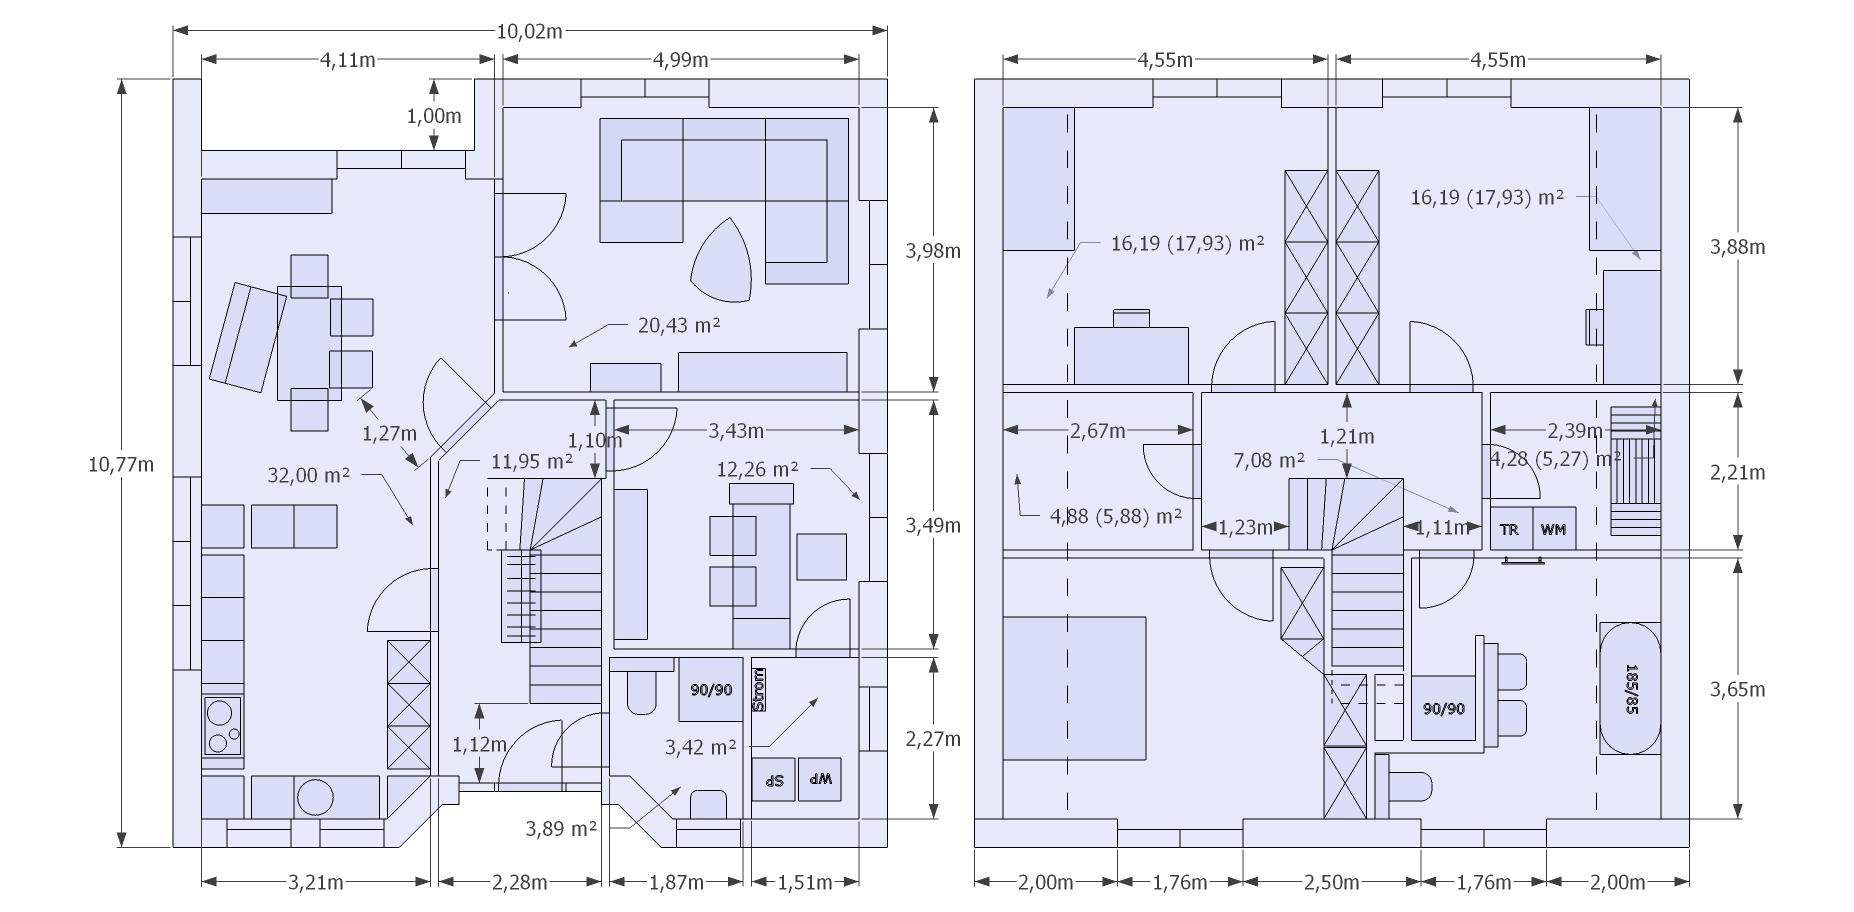 haus grundrisse welchen findet ihr besser sehr gut und von der. Black Bedroom Furniture Sets. Home Design Ideas